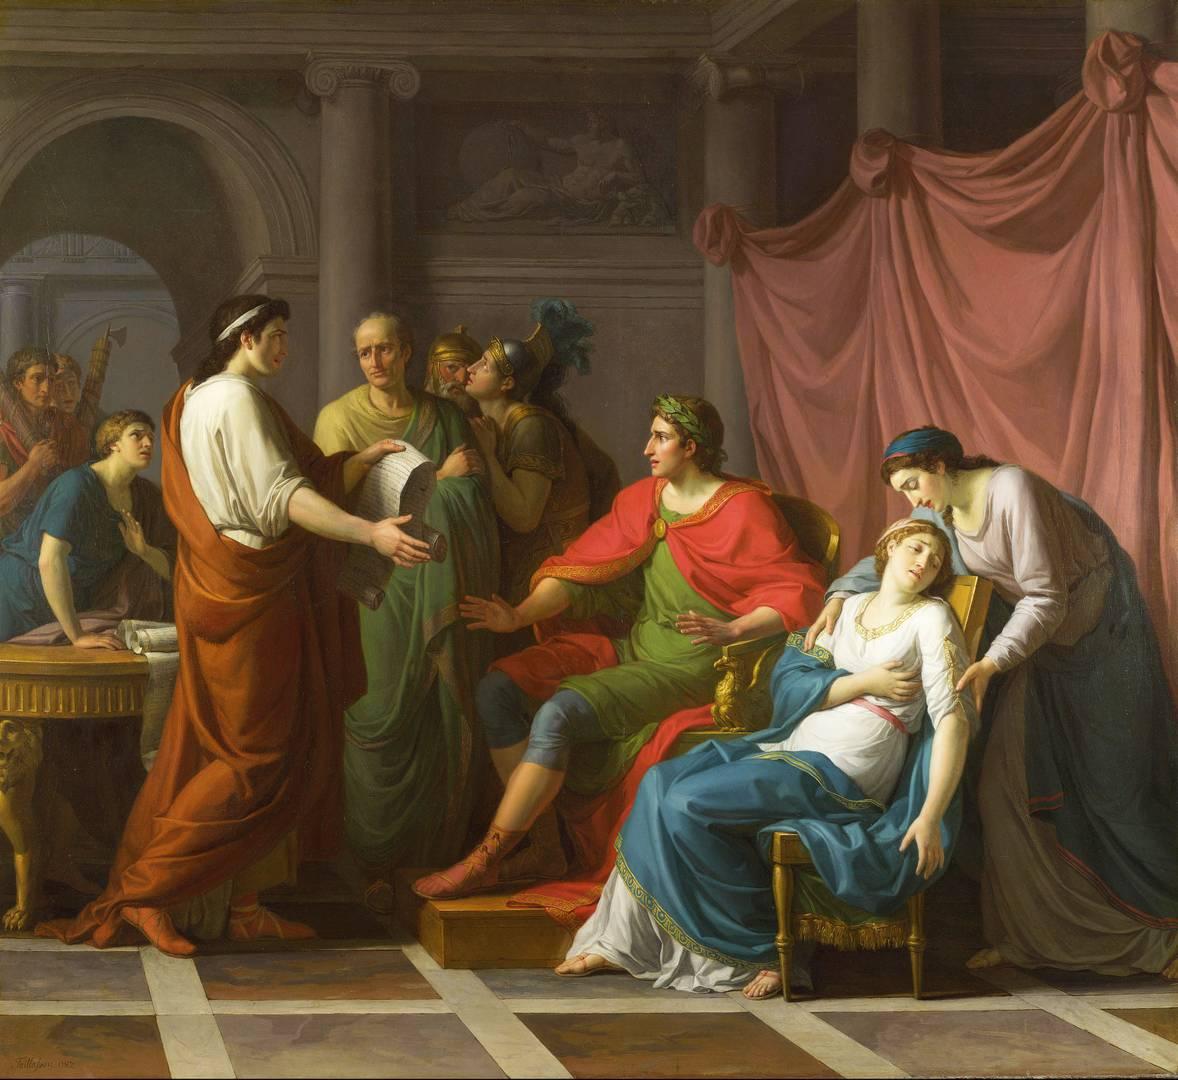 Жан-Жозеф Тайлассон. Вергилий читает Энеиду Августу и Октавии. 1787